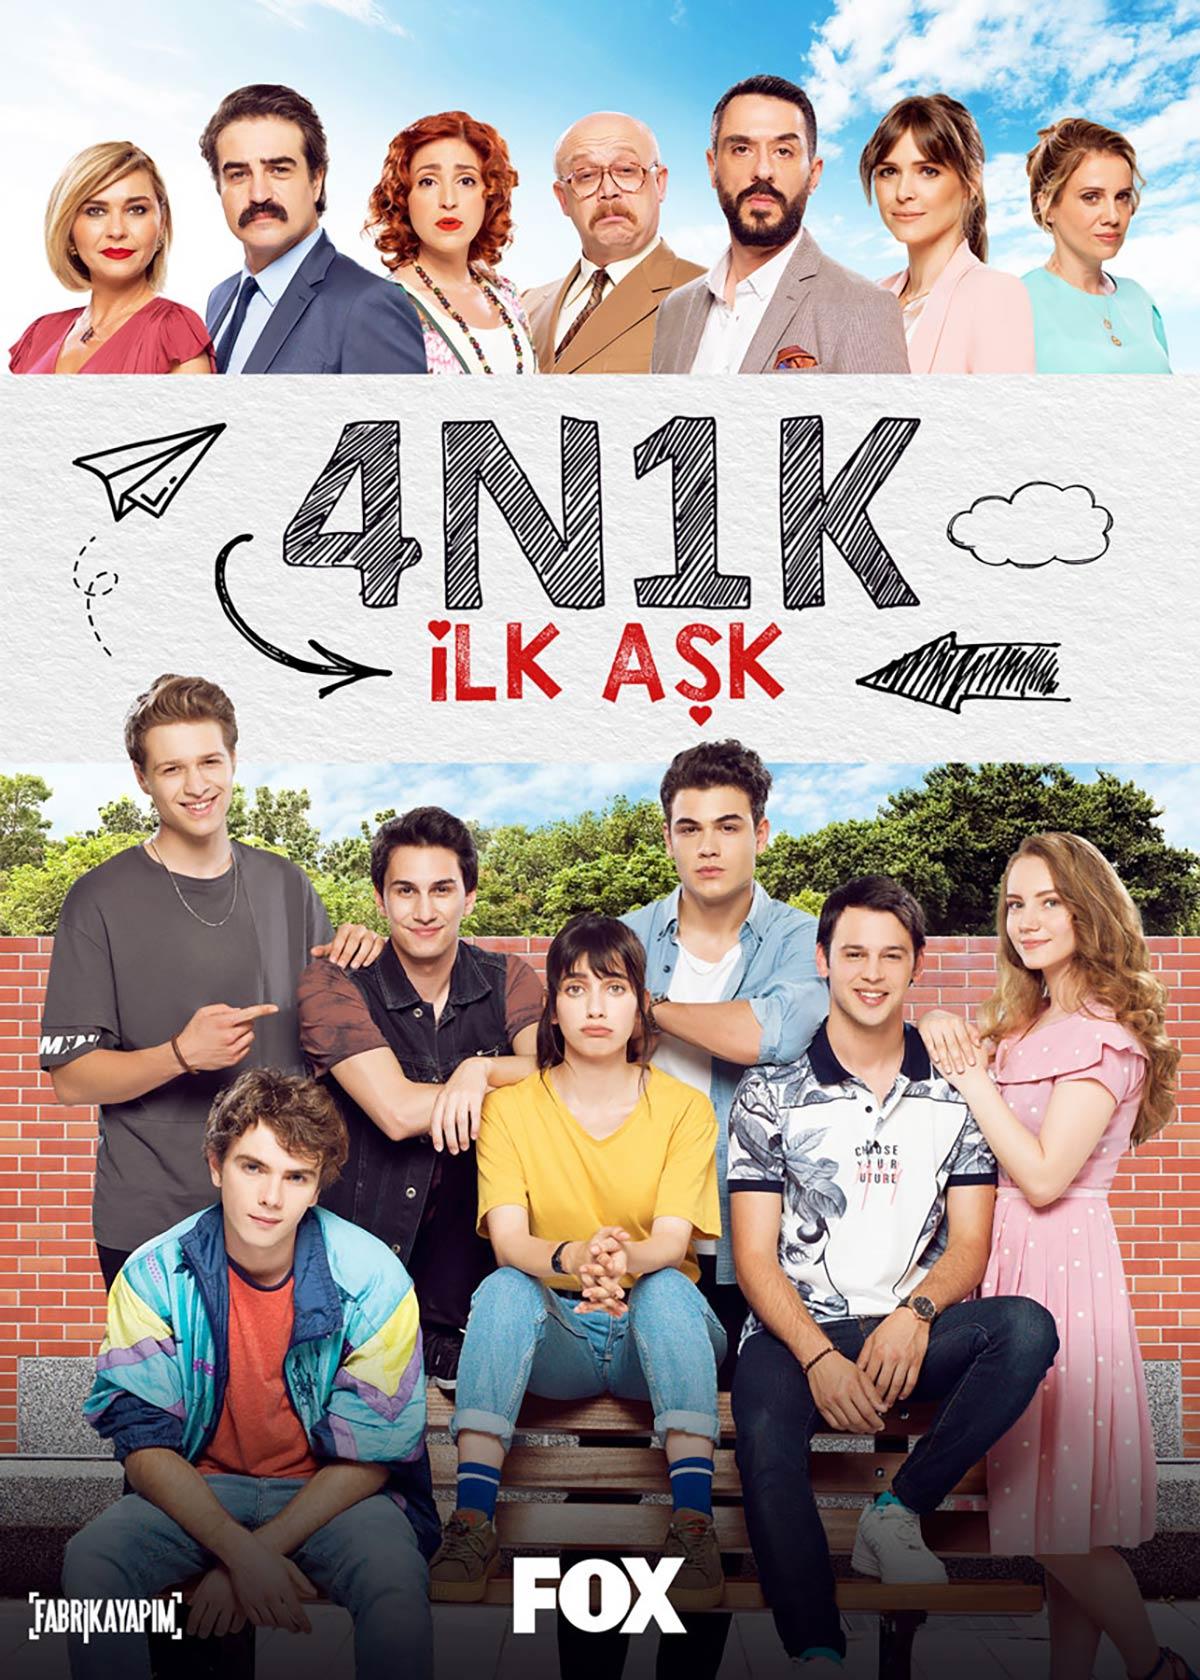 4n1k-ilk-ask-01